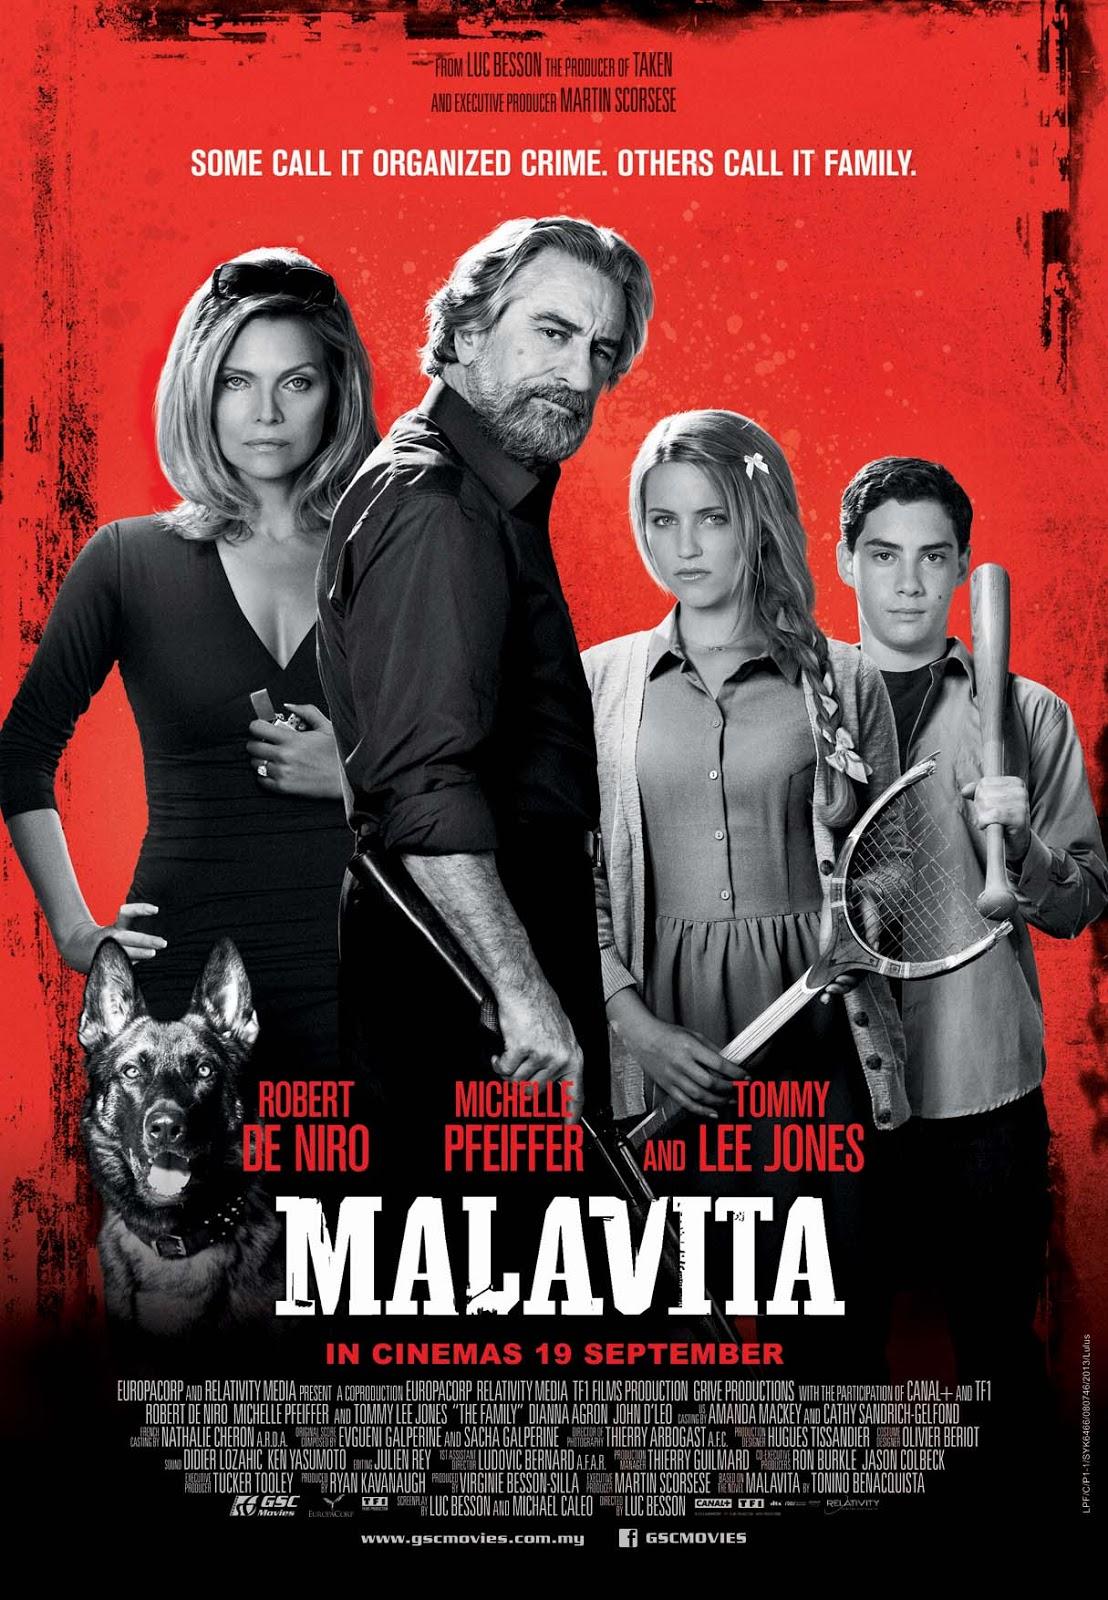 Malavita Film